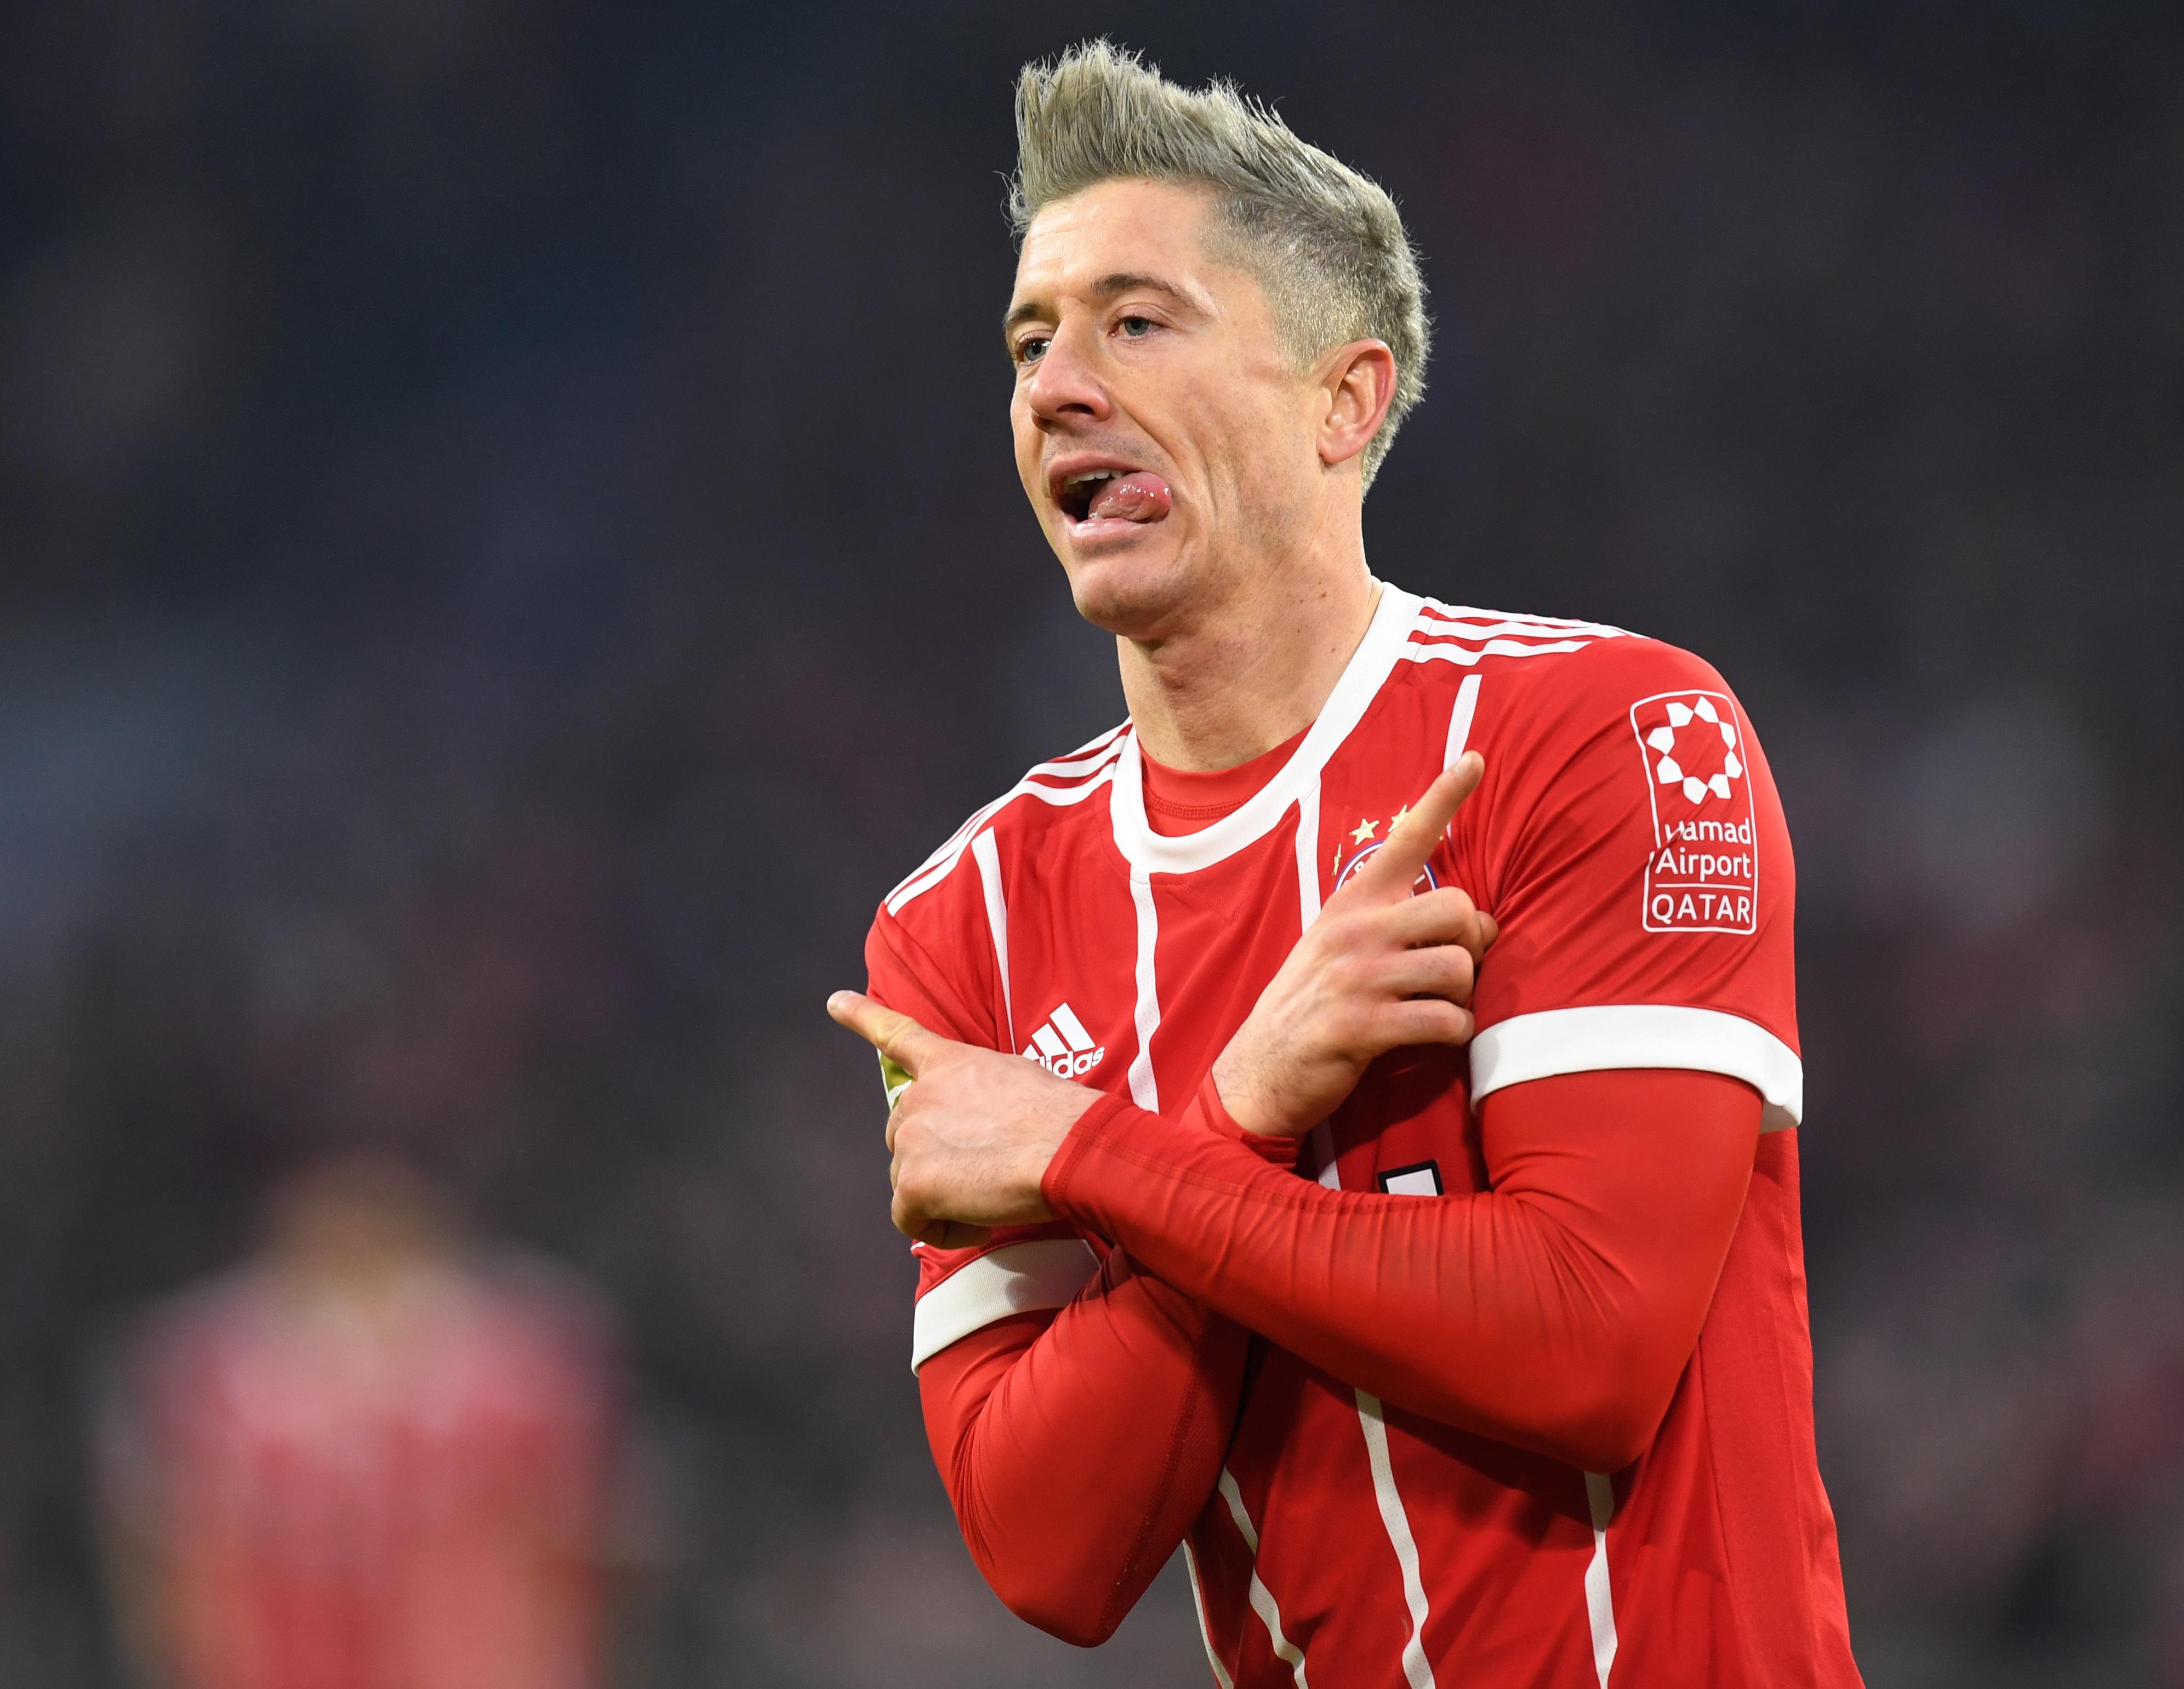 Le Bayern tout-puissant, Leipzig accroché